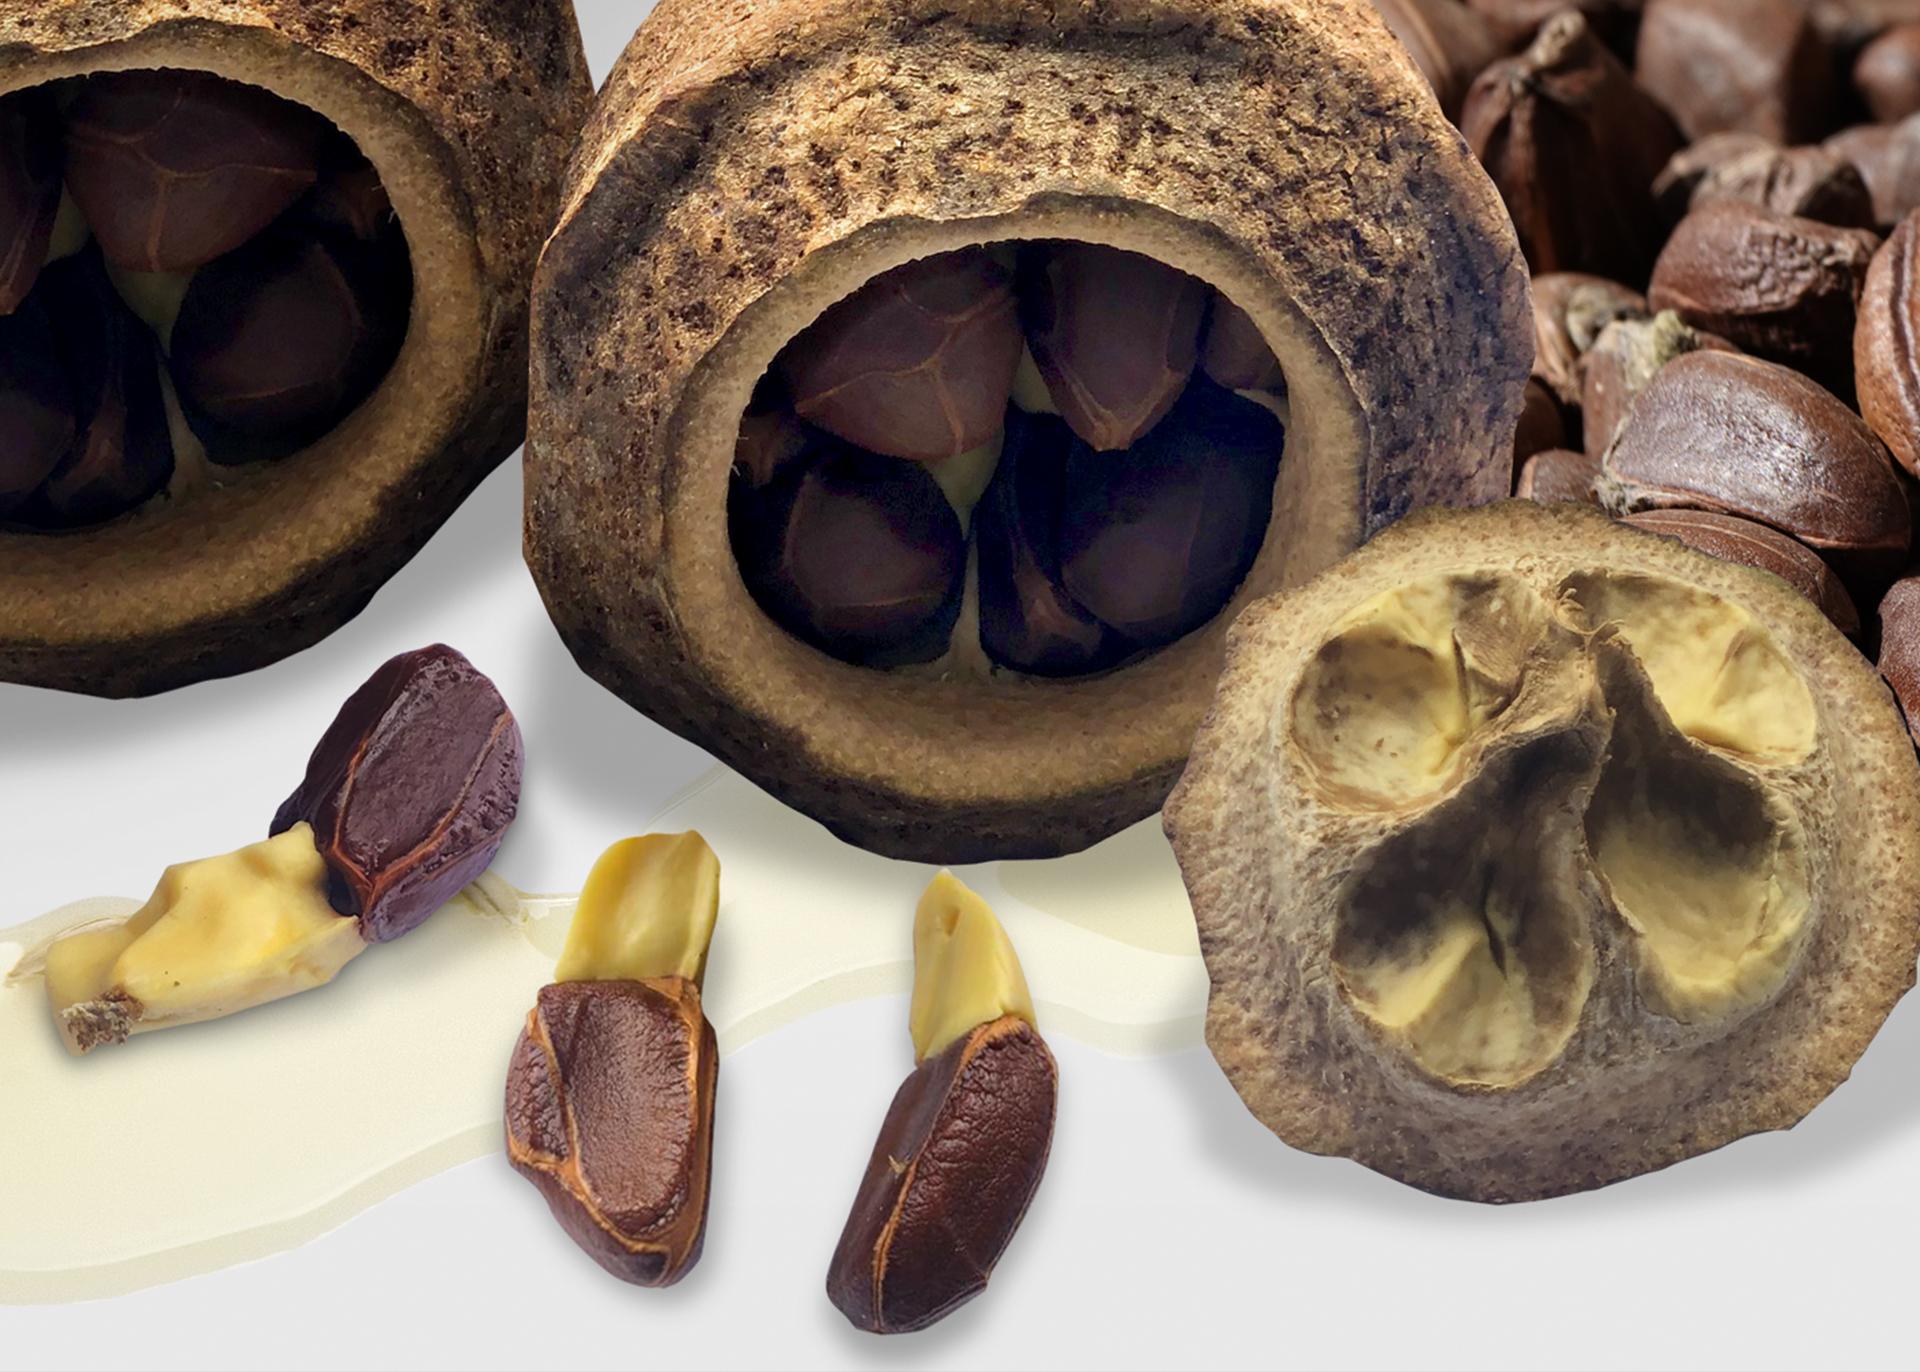 Paradise-Nut-Oil_Henry-Lamotte-Oils